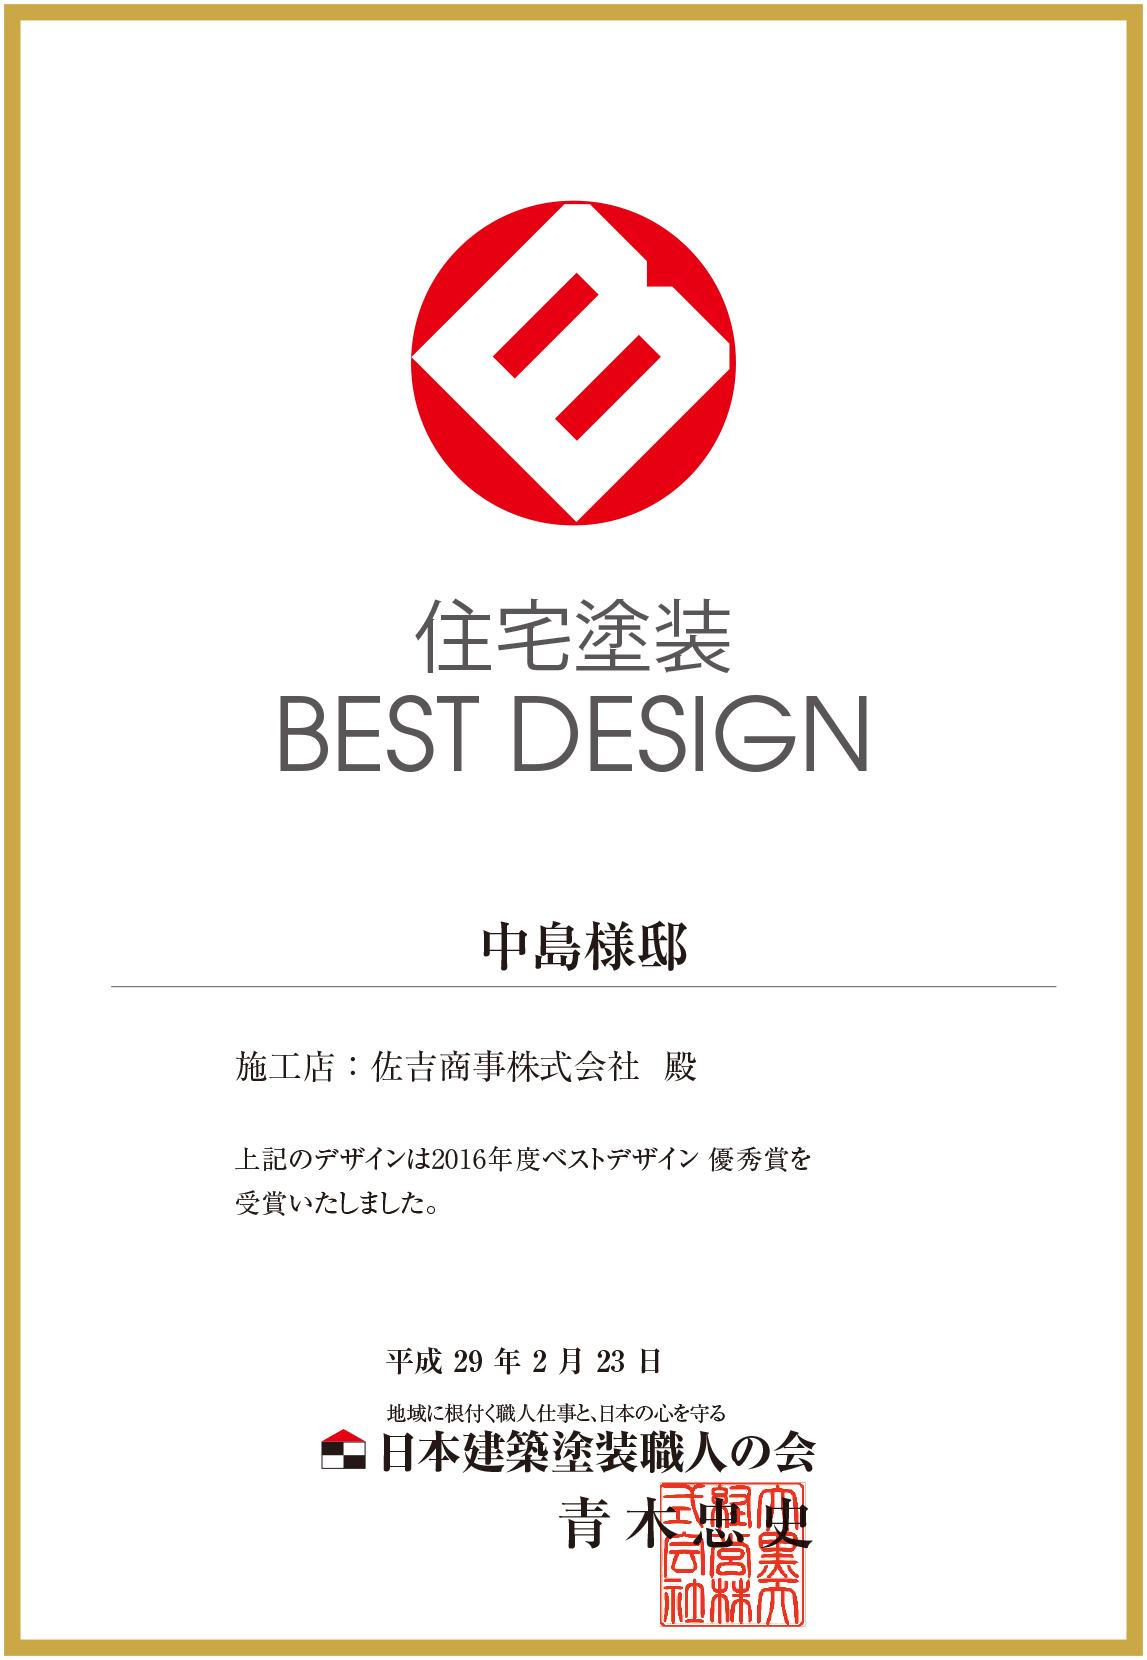 住宅塗装ベストデザイン賞優秀賞を受賞しました